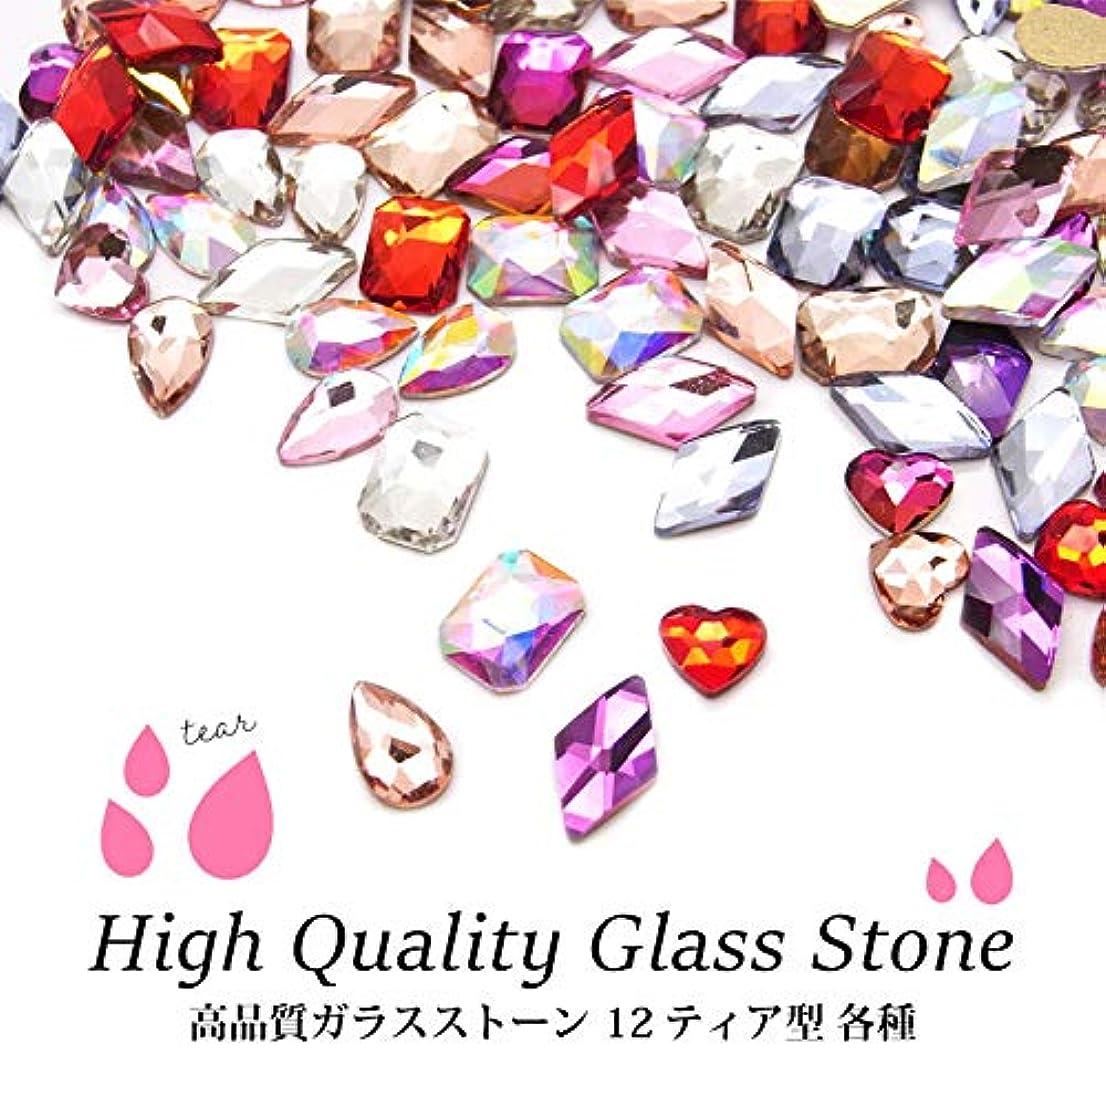 手数料嘆願アセンブリ高品質ガラスストーン 12 ティア型 各種 5個入り (2.クリスタルAB)